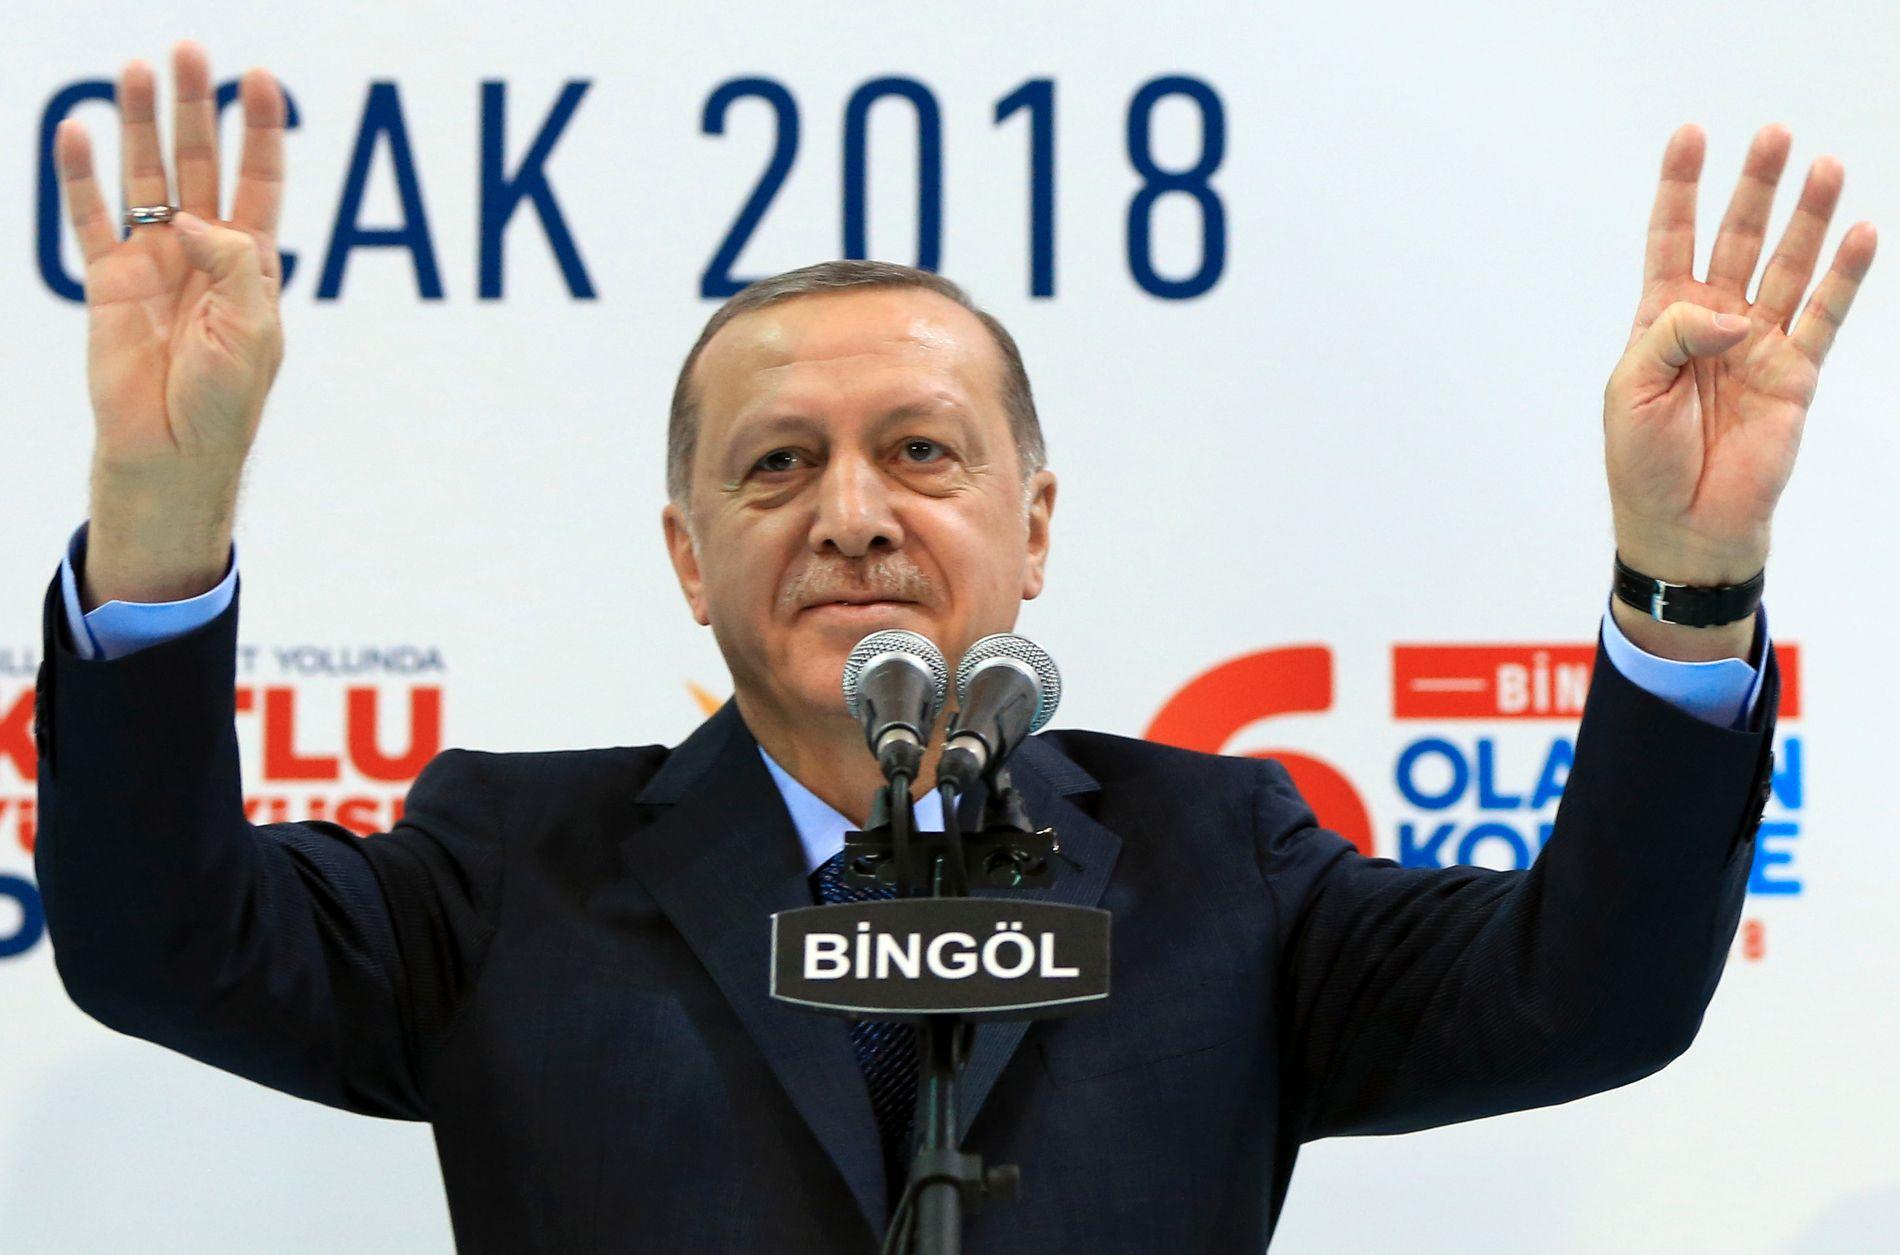 KLAR FOR ANGREP: Tyrkias president Recep Tayyip Erdogan vil sabotere USAs planer om å danne en egen grensestyrke i Nord-Syria. Bildet er tatt under et politisk møte i Bingol i Øst-Tyrkia 13. januar.